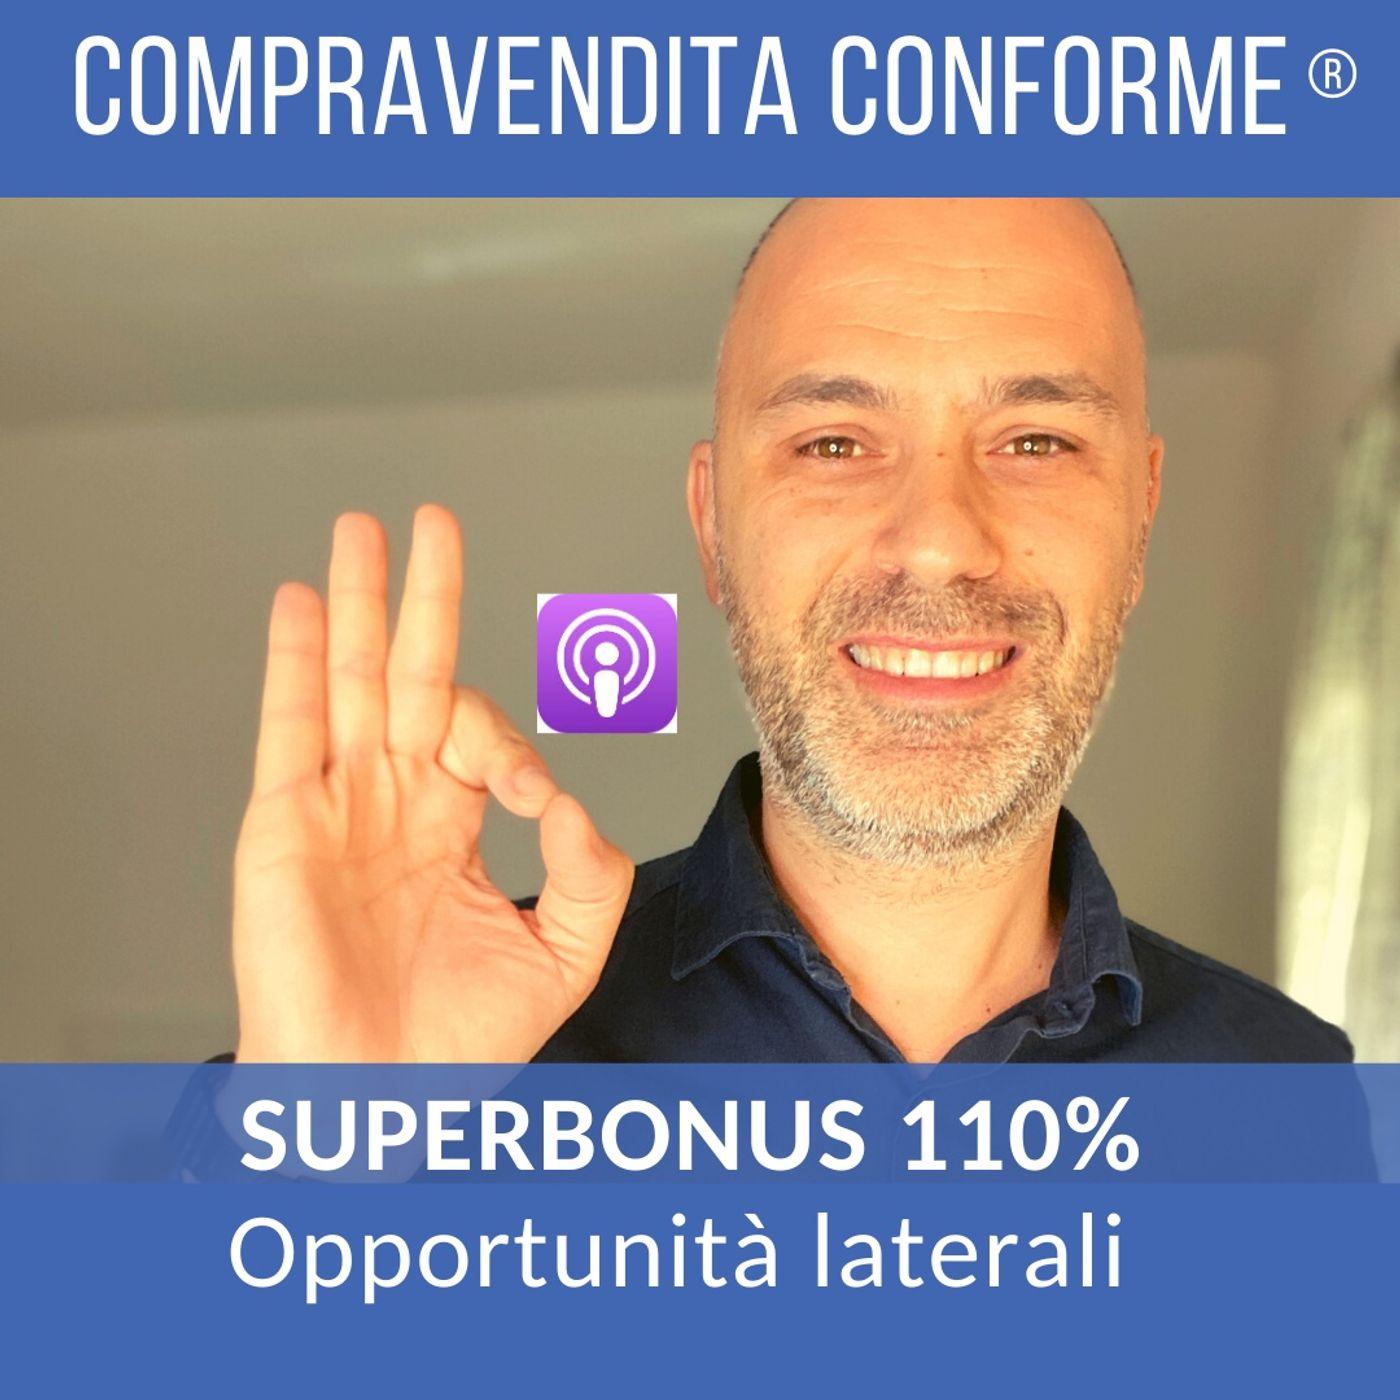 SuperBonus 110%: cessione credito e sconto in fattura per Ecobonus e Ristrutturazioni edilizie